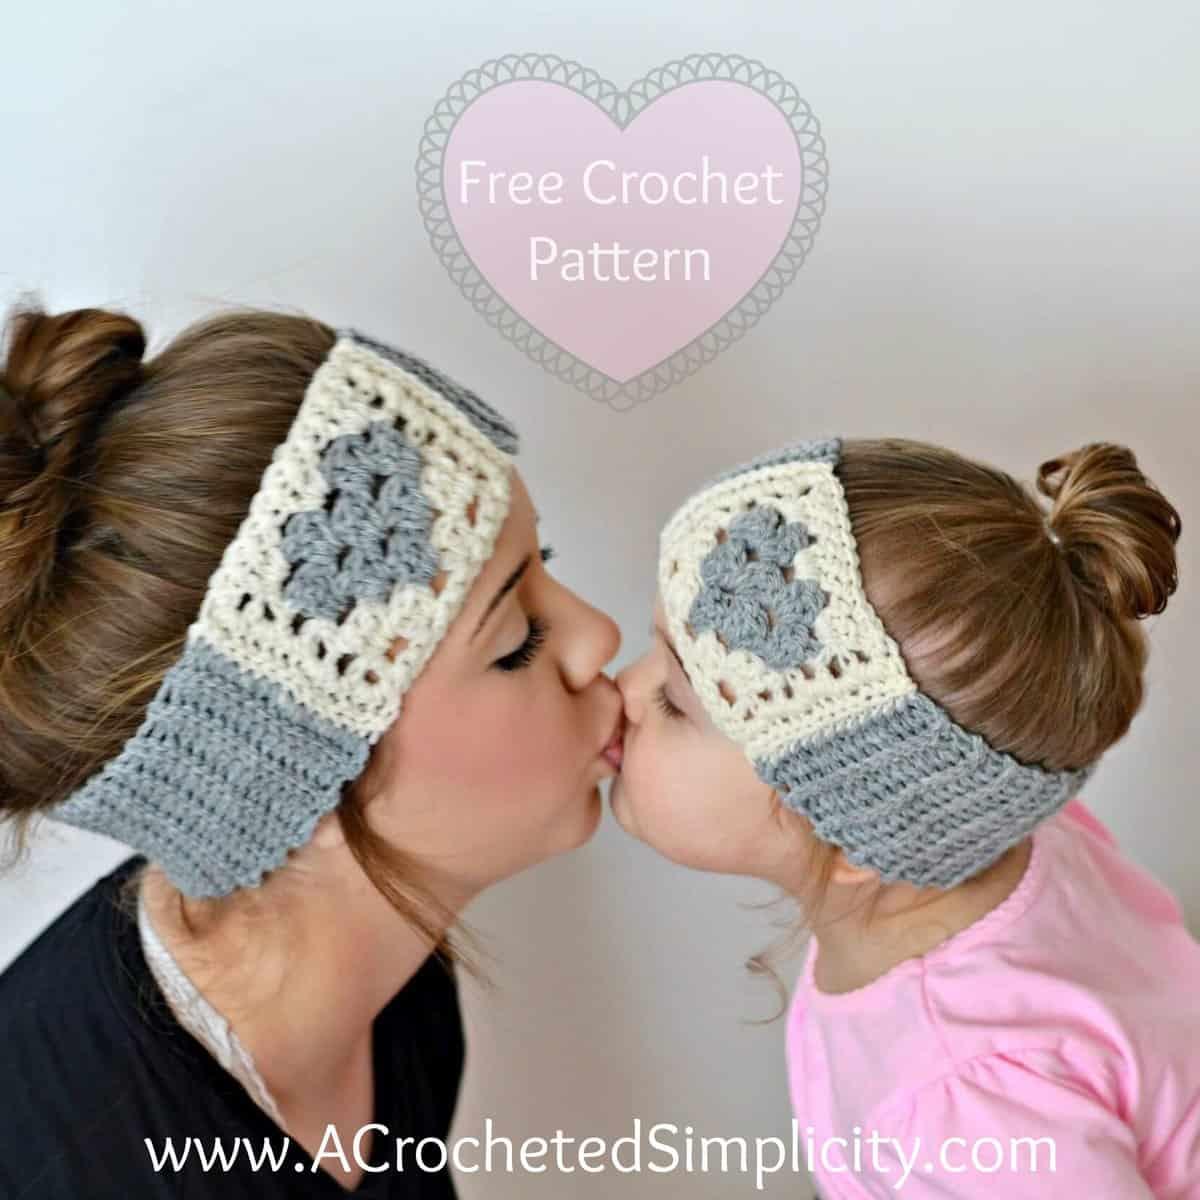 Free Crochet Pattern Granny Heart Headwarmer A Crocheted Simplicity